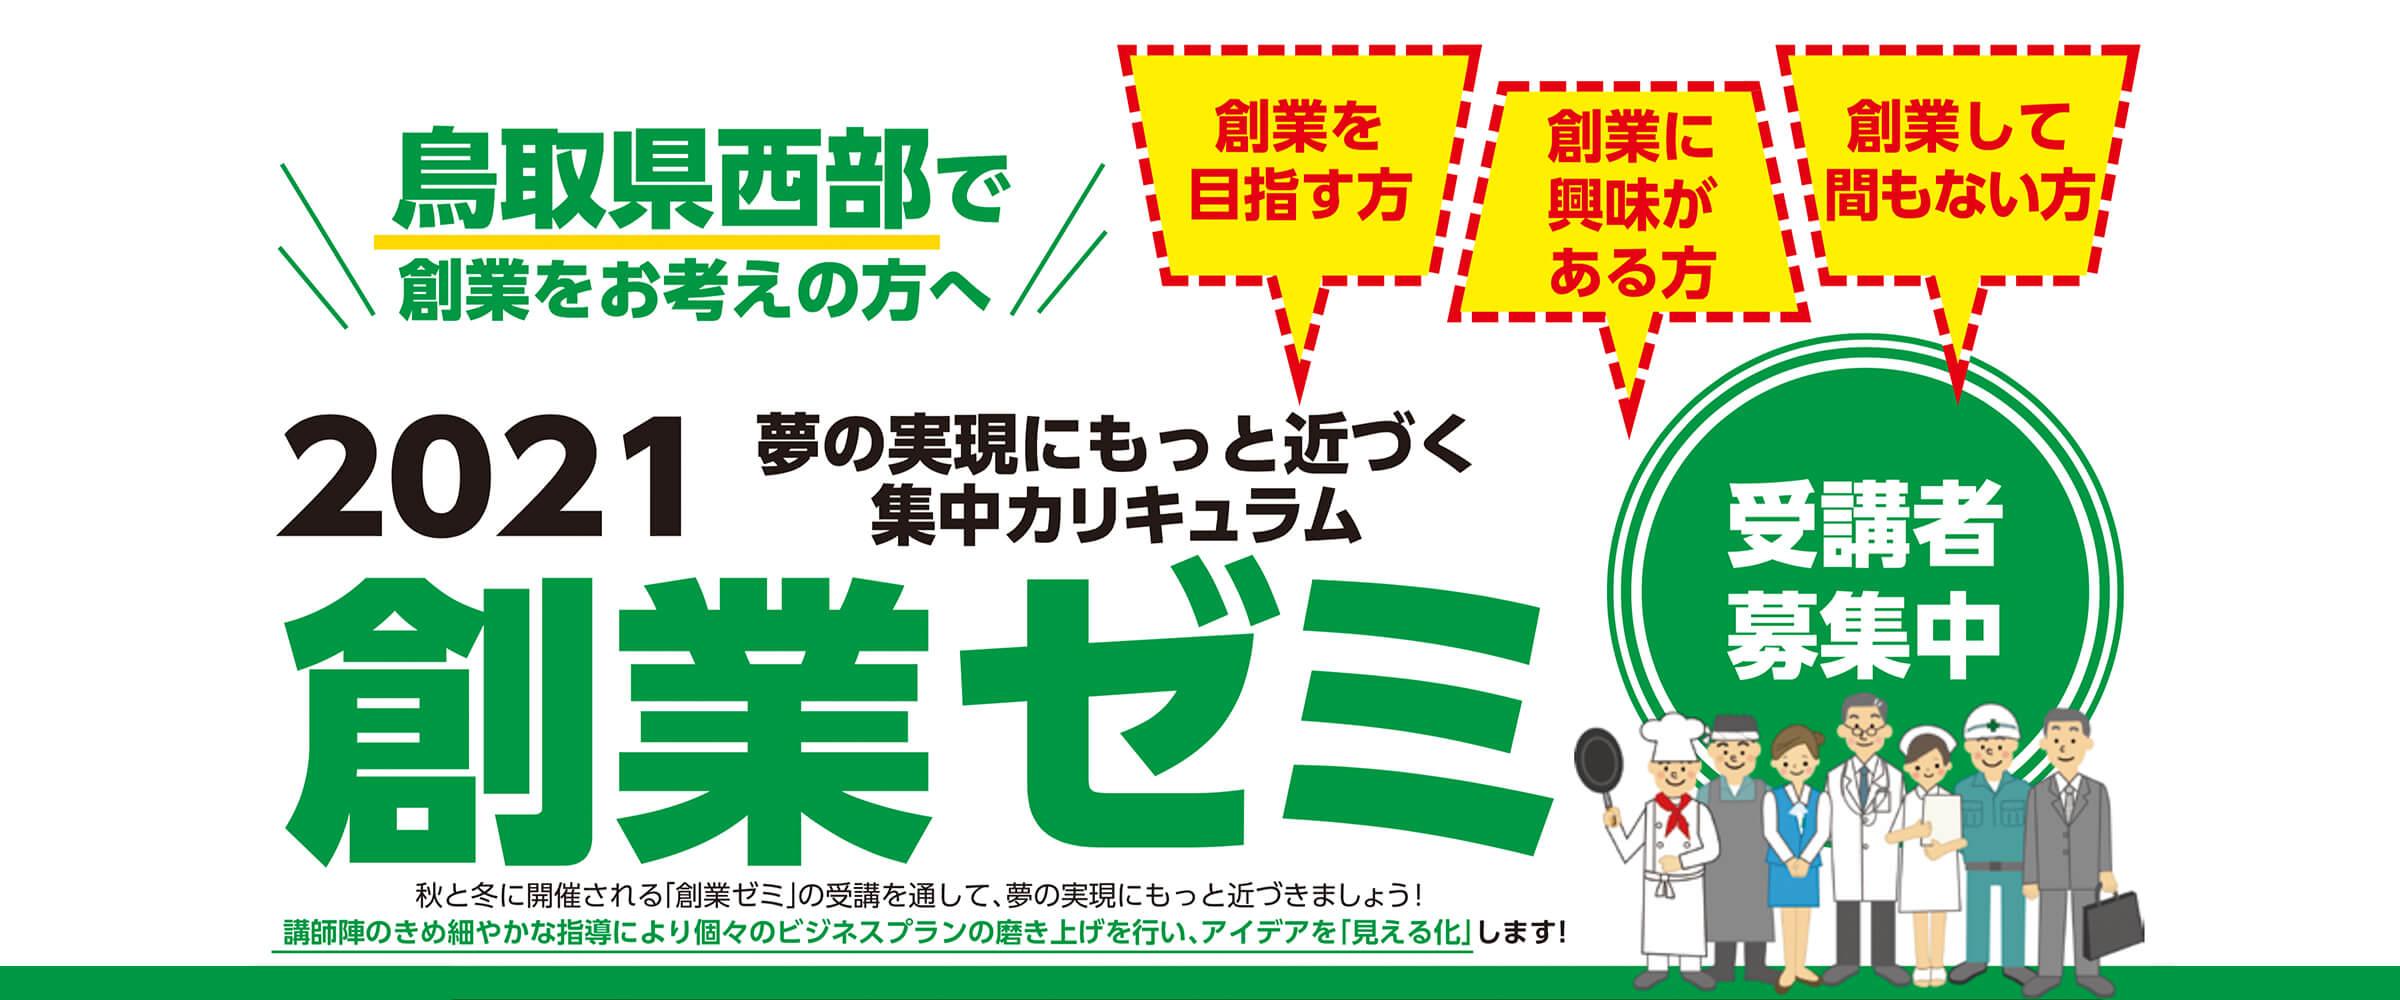 2021 創業ゼミ 鳥取県西部で創業をお考えの方へ 夢の実現にもっと近く集中カリキュラム